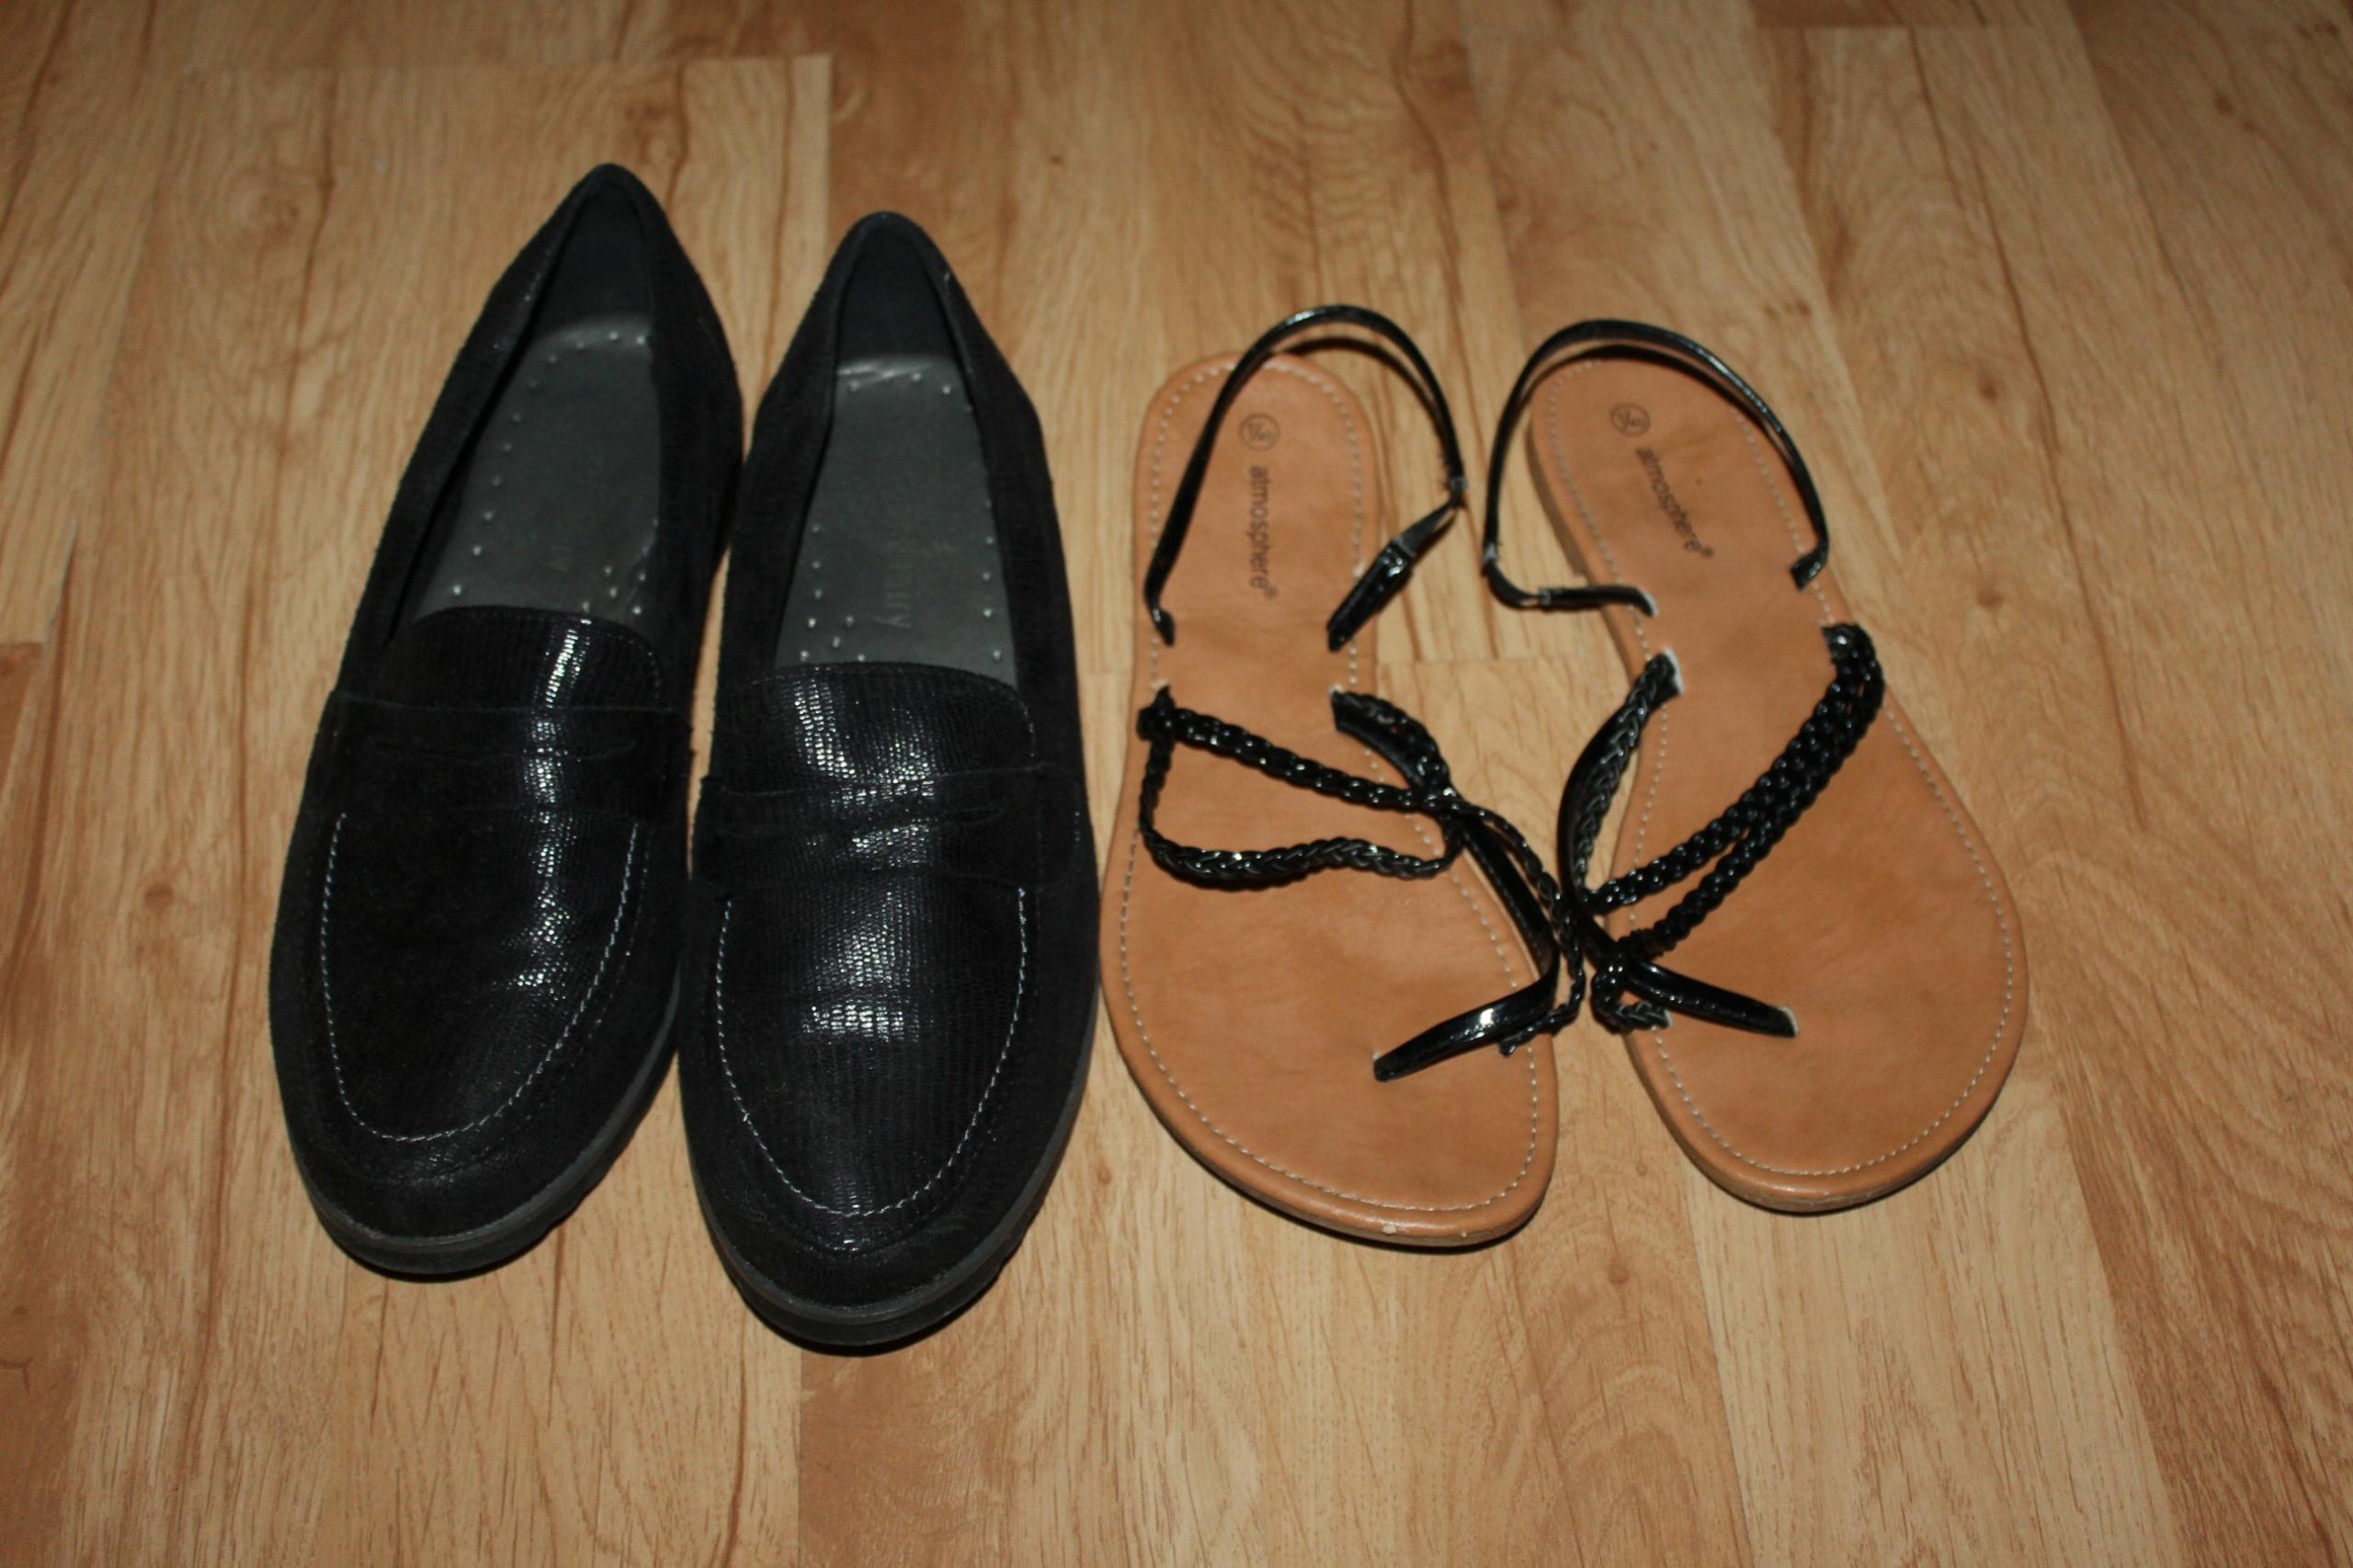 2 pary butów 40 wkł. 25,5 czółenka sandały